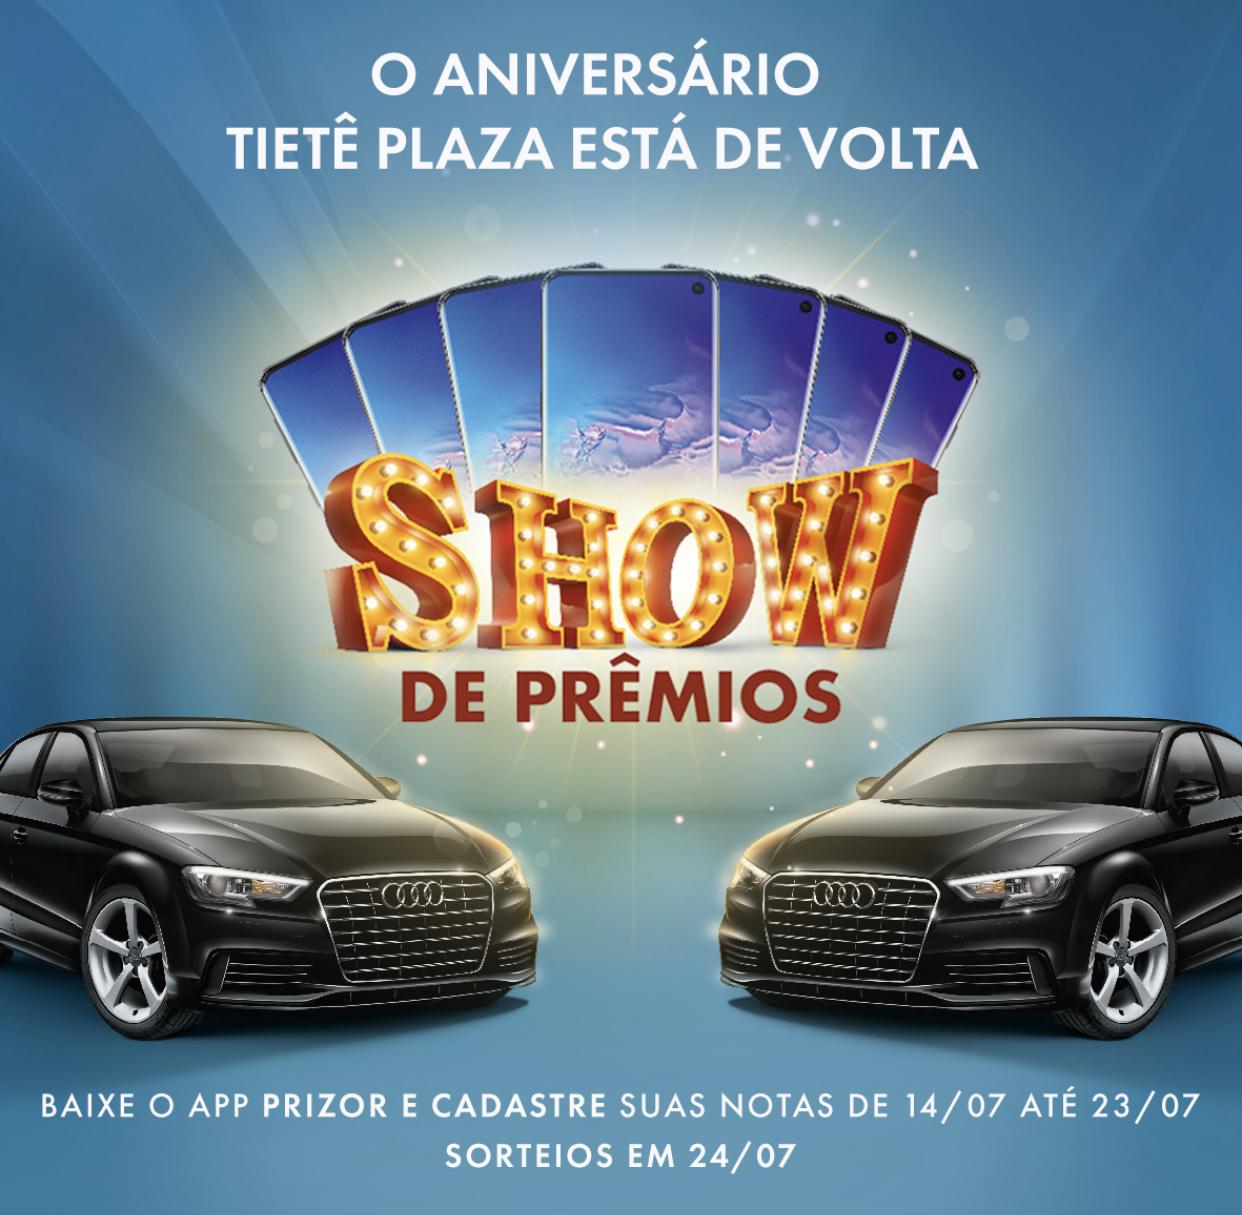 Tietê Plaza Shopping retoma promoção especial de aniversário